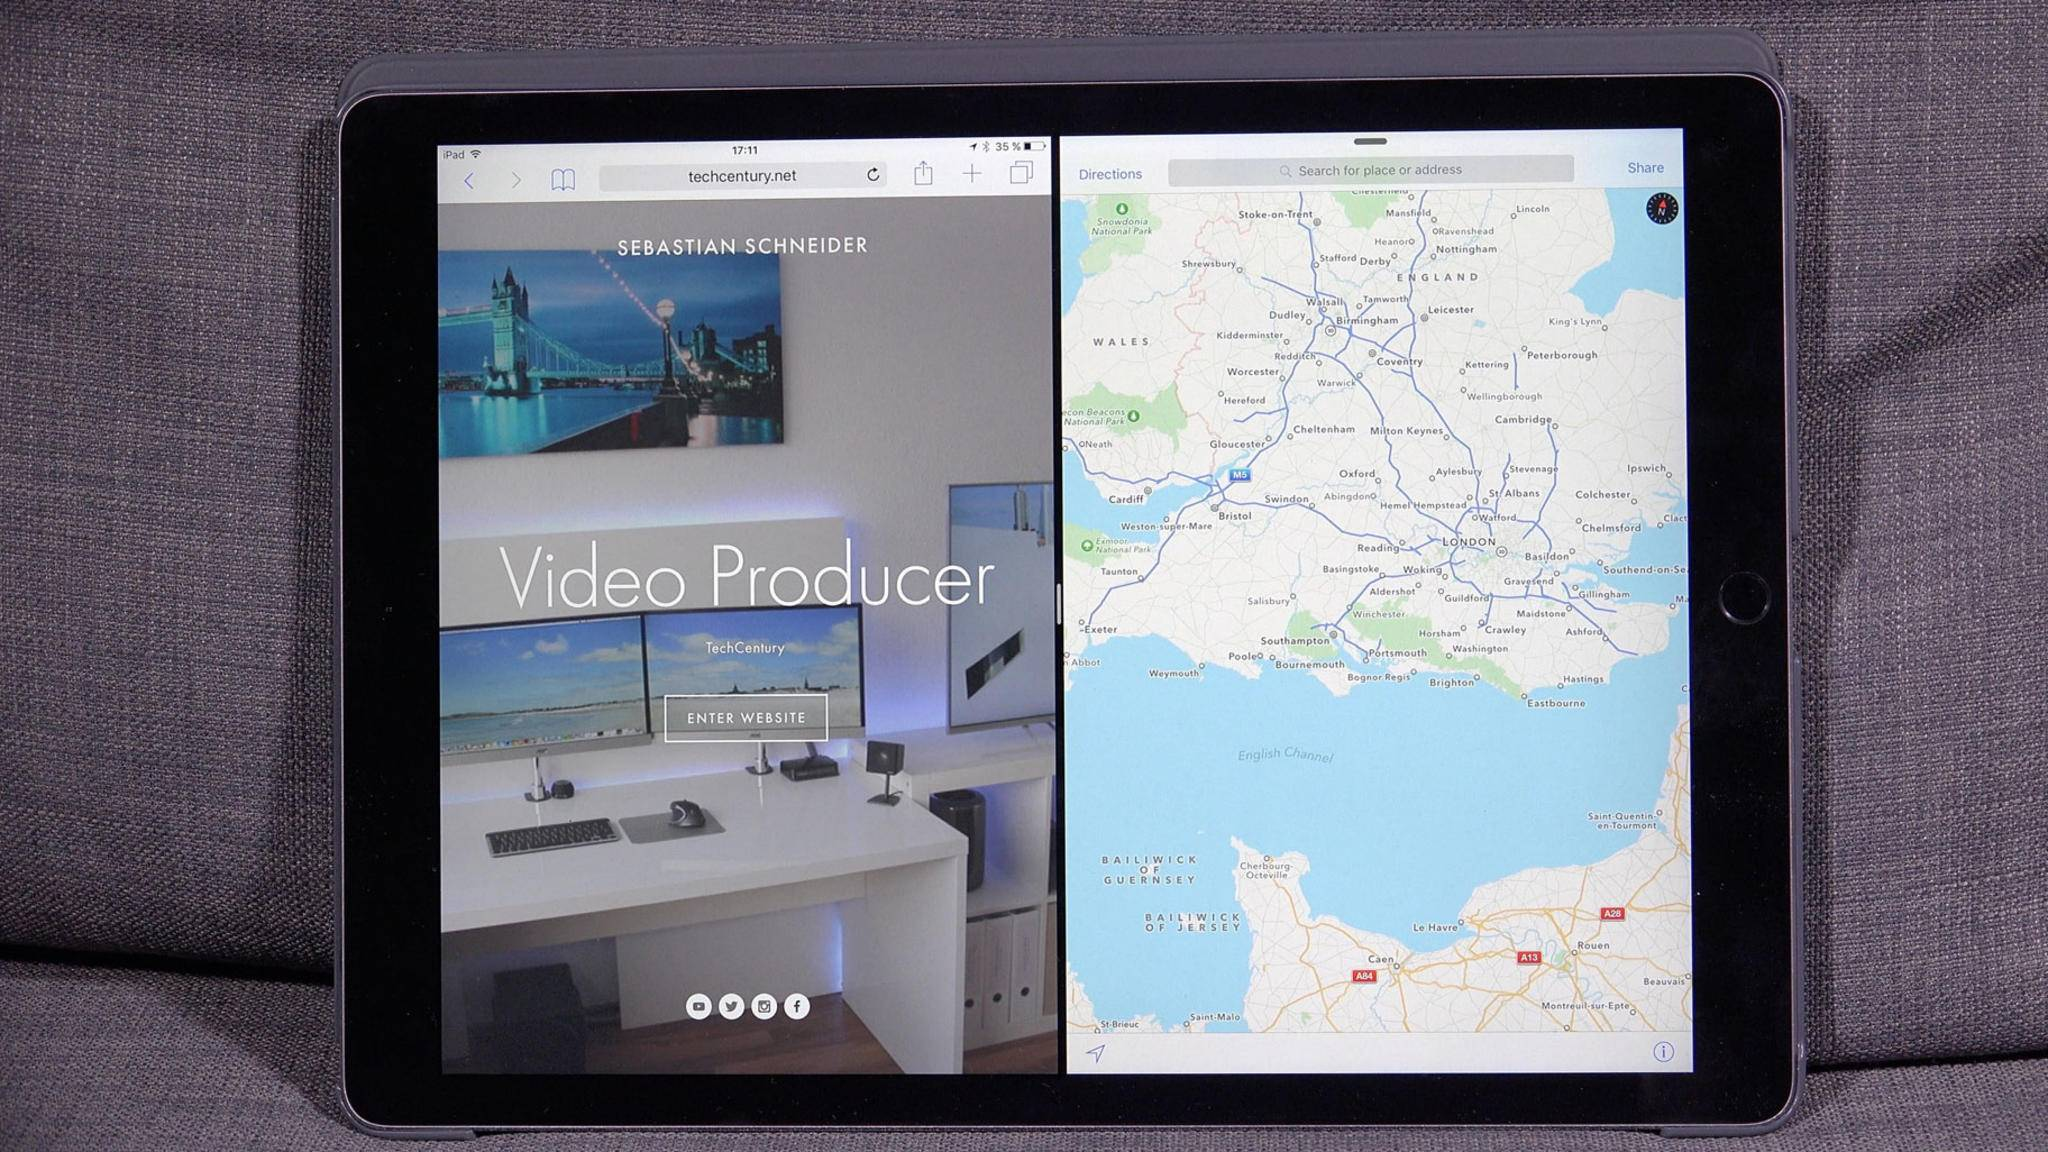 Praktisch: Auf dem iPad kannst Du zwei Apps nebeneinander anzeigen lassen – Split View macht es möglich.